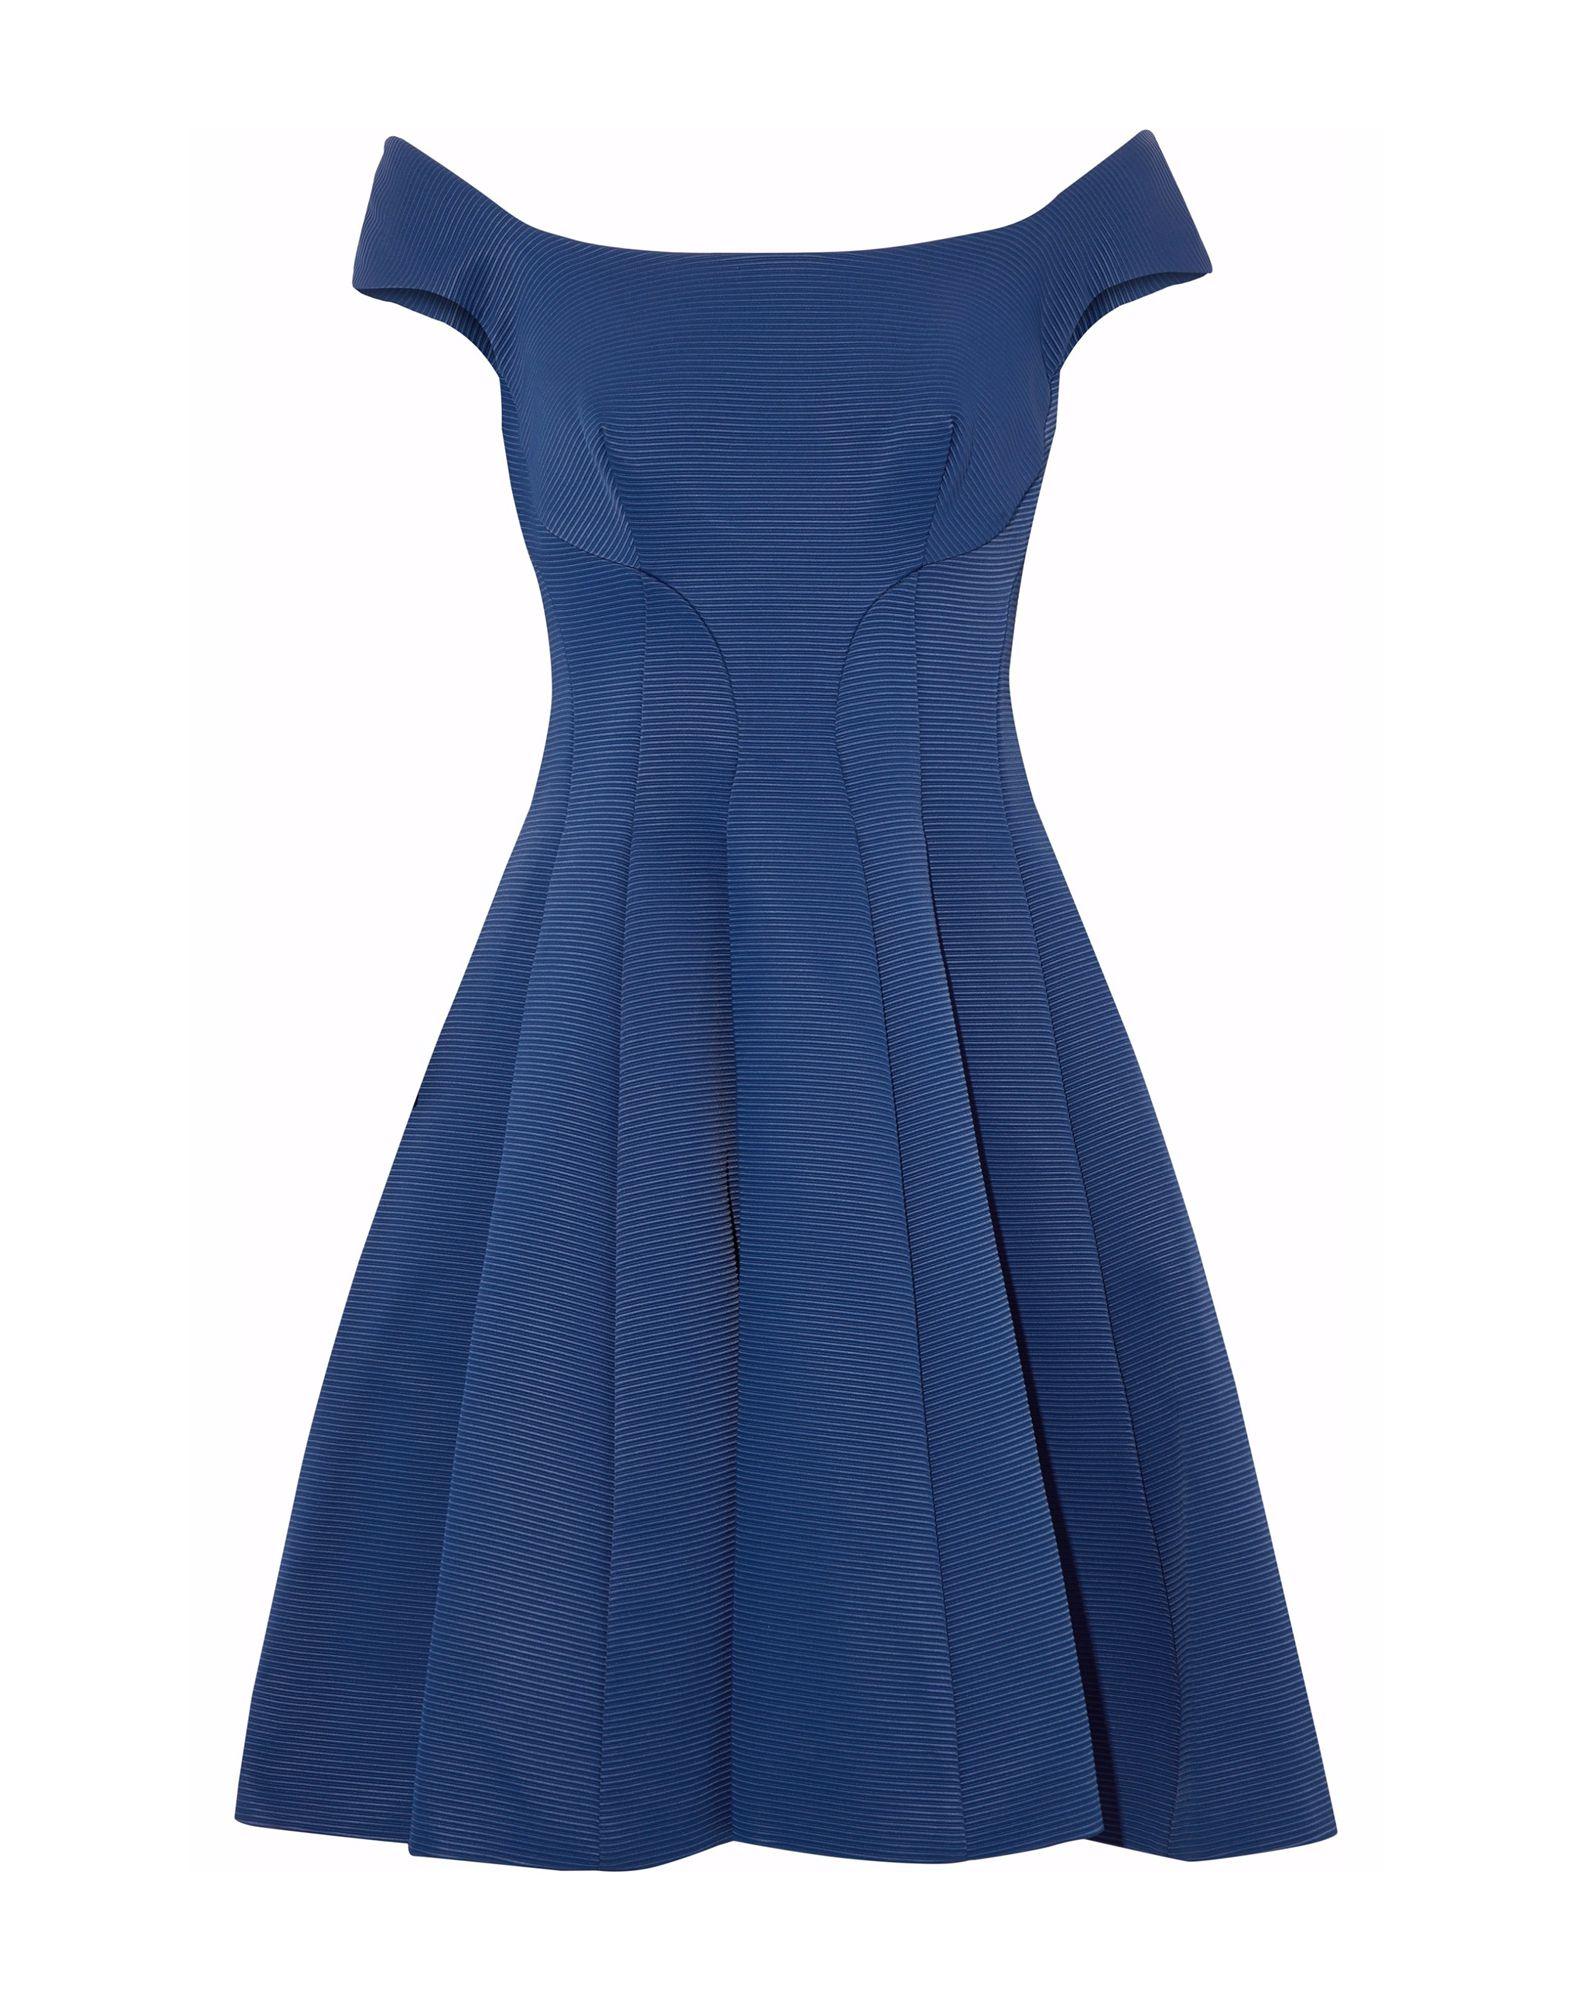 ZAC POSEN Короткое платье цены онлайн